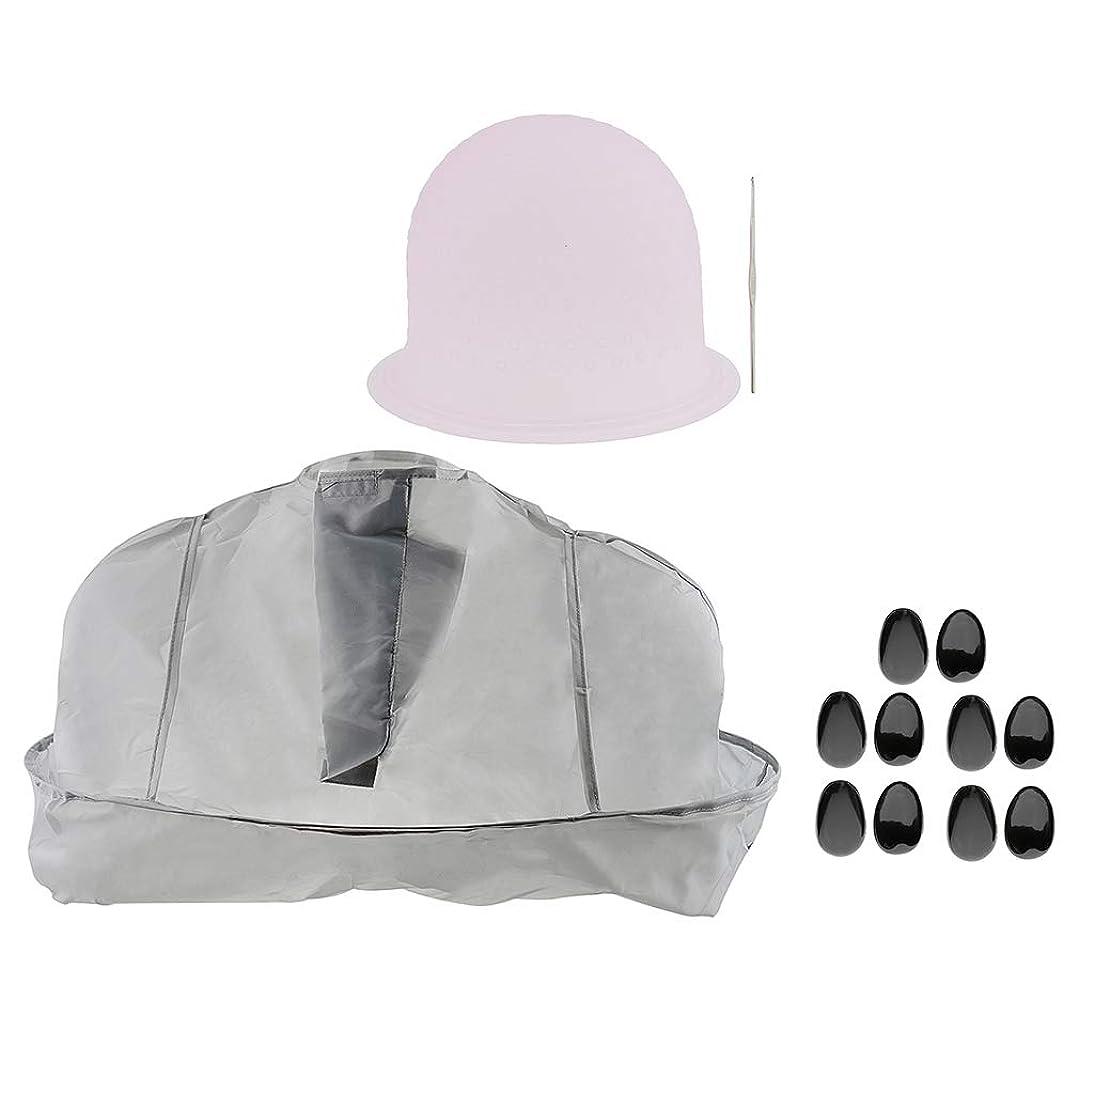 保証金淡い海洋B Blesiya ヘアサロン 美容院 ヘアカラー 色付け 帽子 キャップ 耳のカバー 美容ケープ